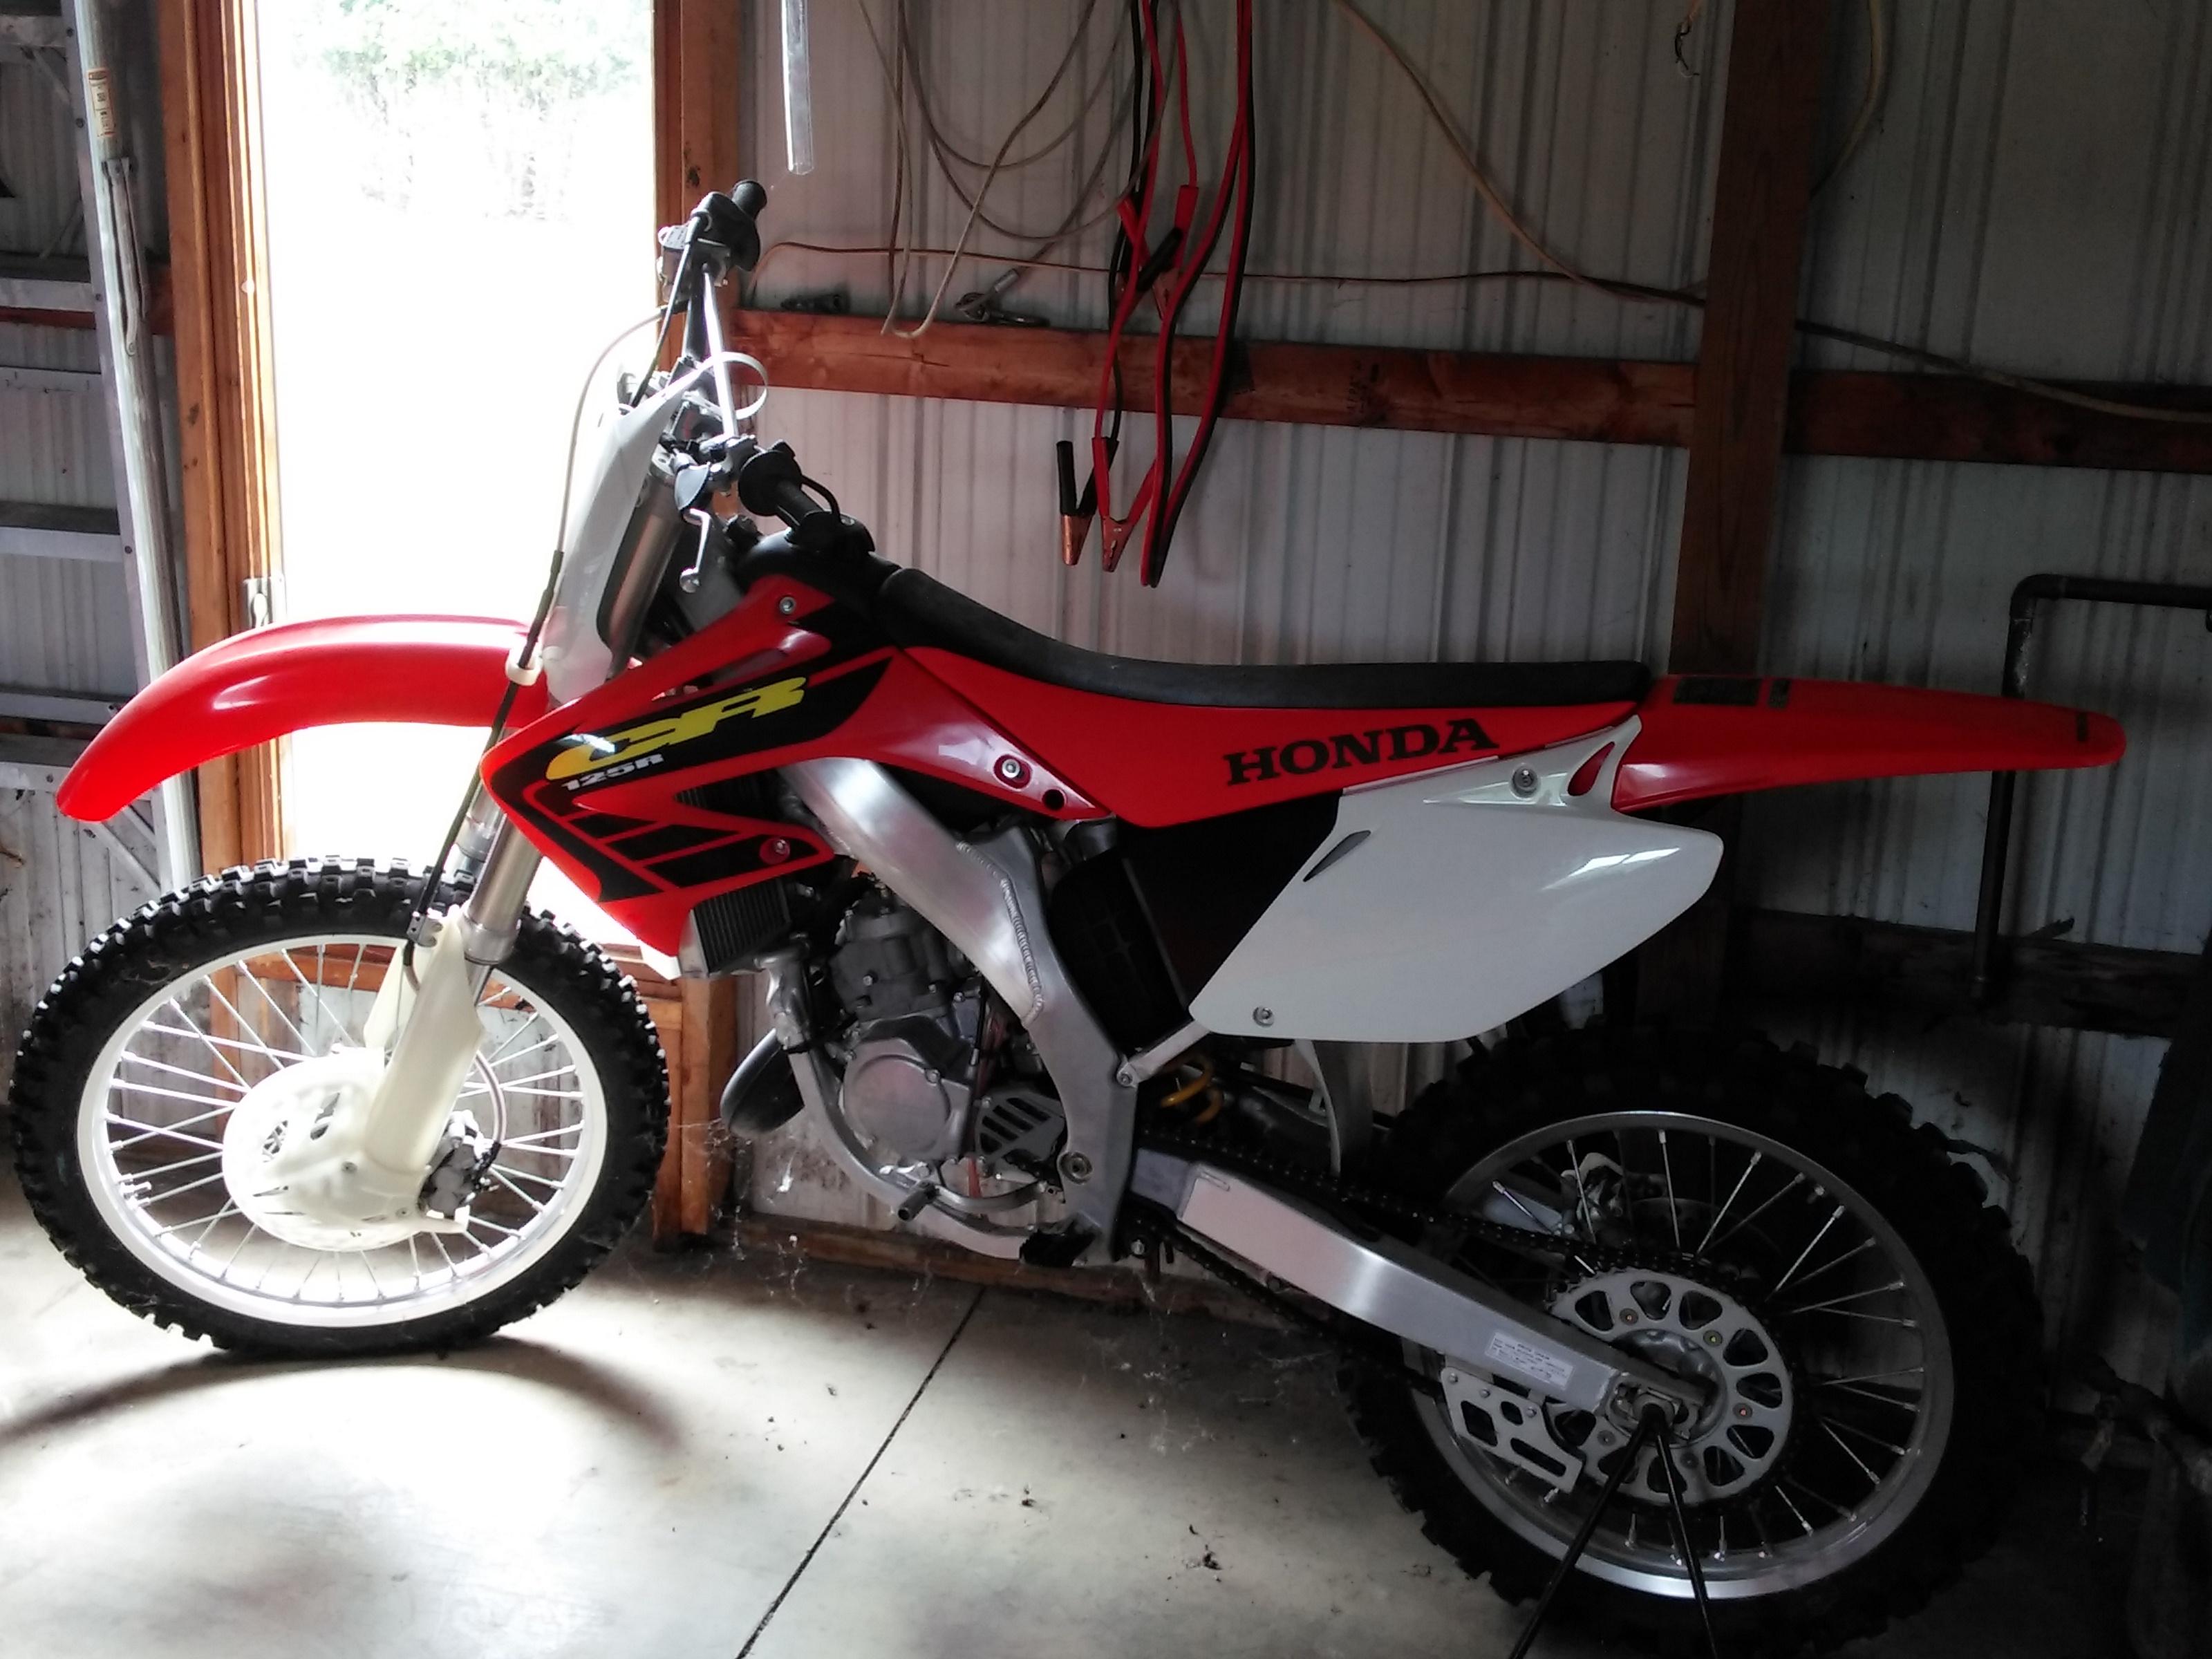 2002 Honda CR125 2 stroke Dirt Bike in okeley's Garage Sale wolcottville, IN